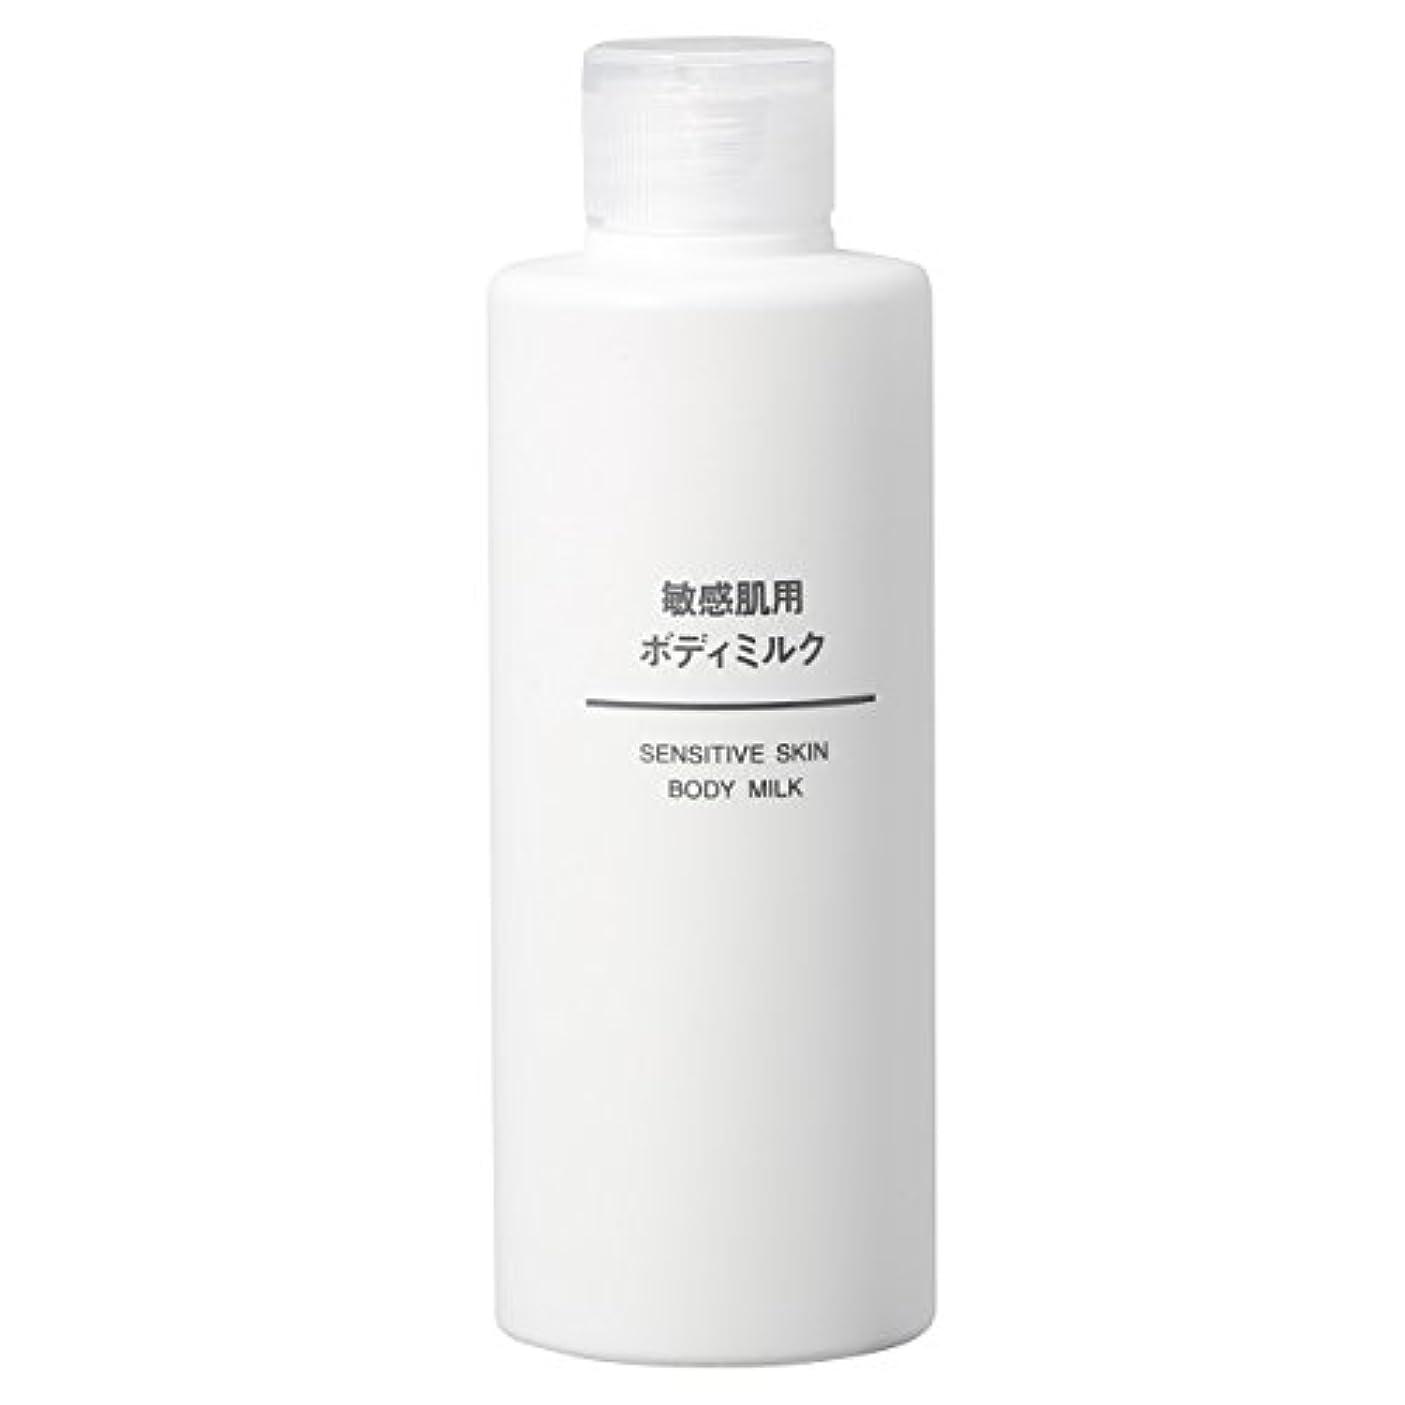 ハム広告自発的無印良品 敏感肌用 ボディミルク 200ml 日本製